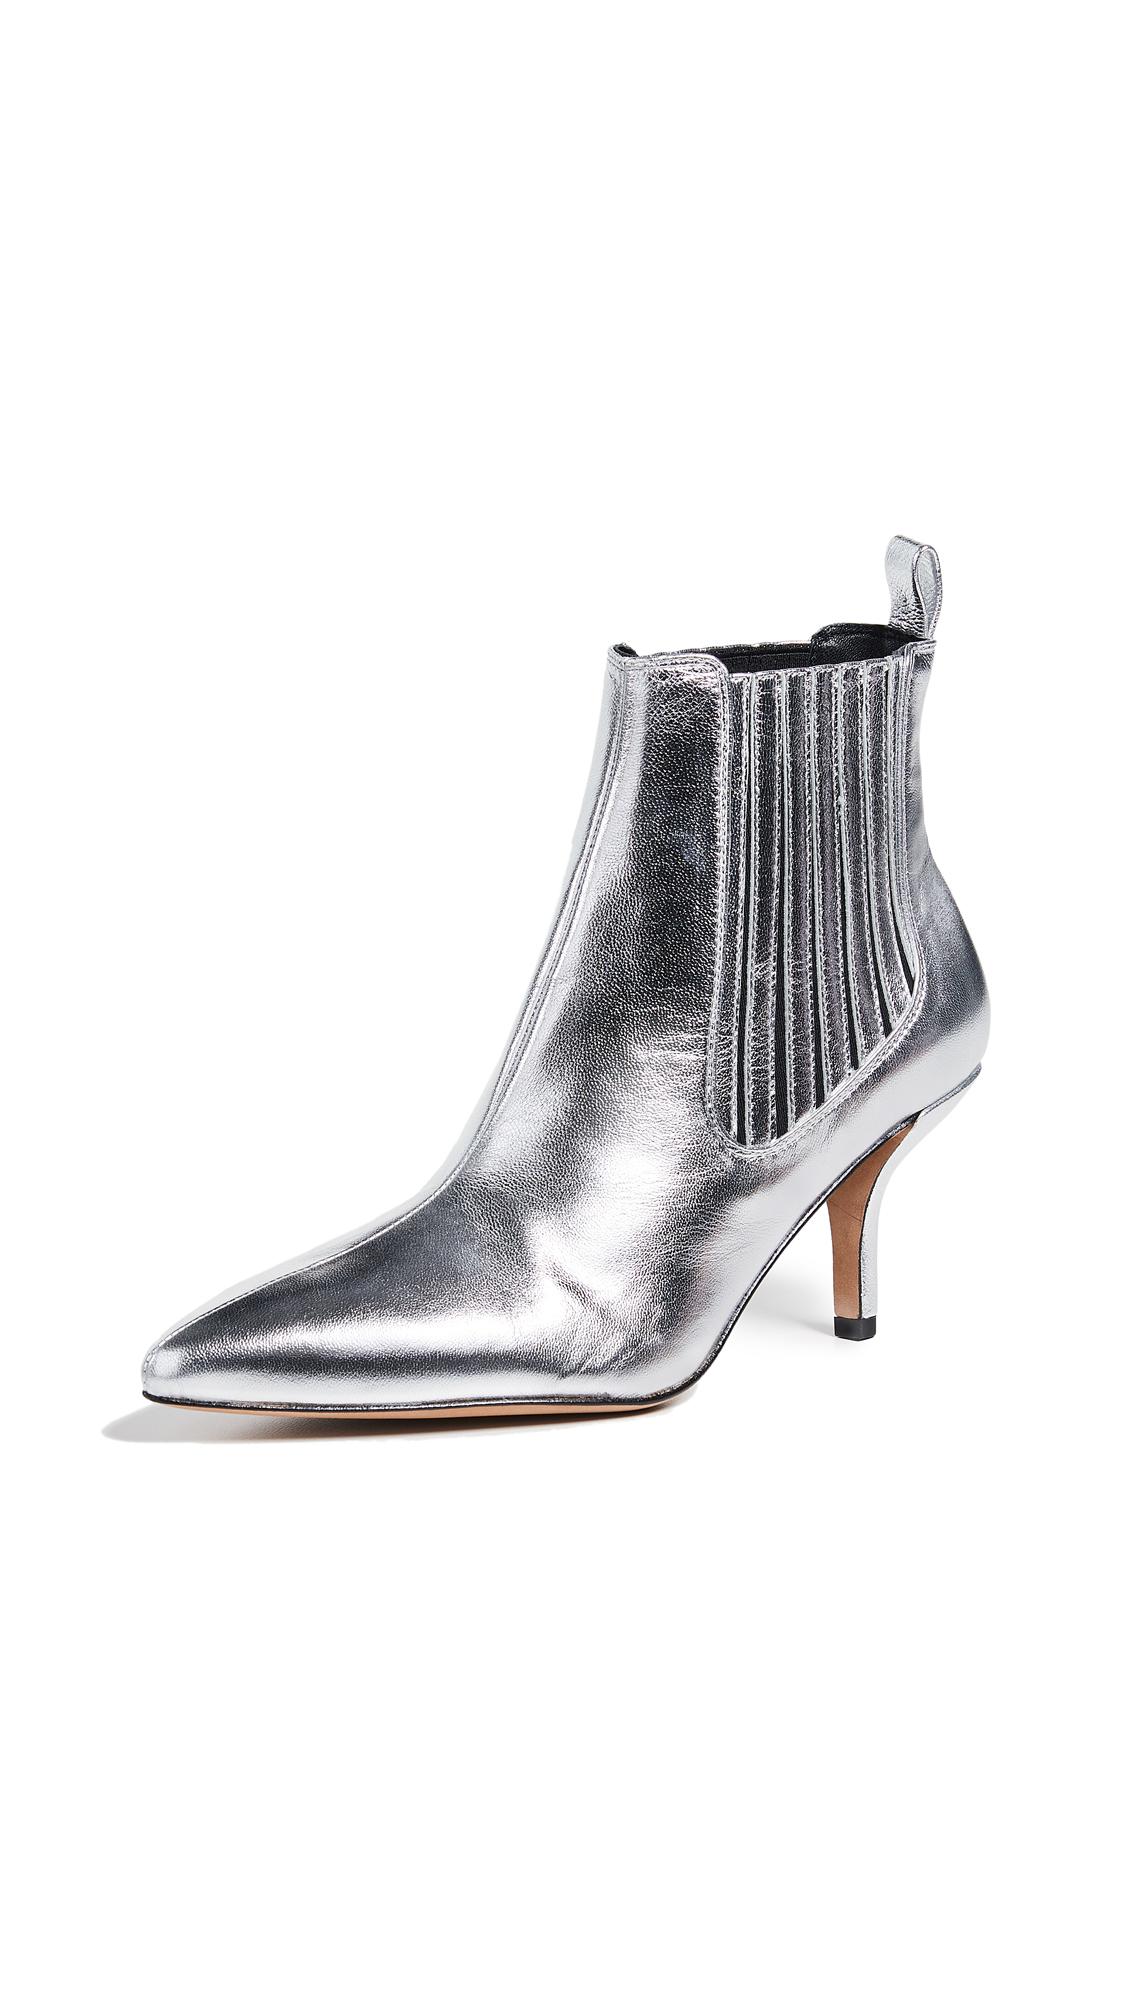 Diane von Furstenberg Mollo Booties - Silver